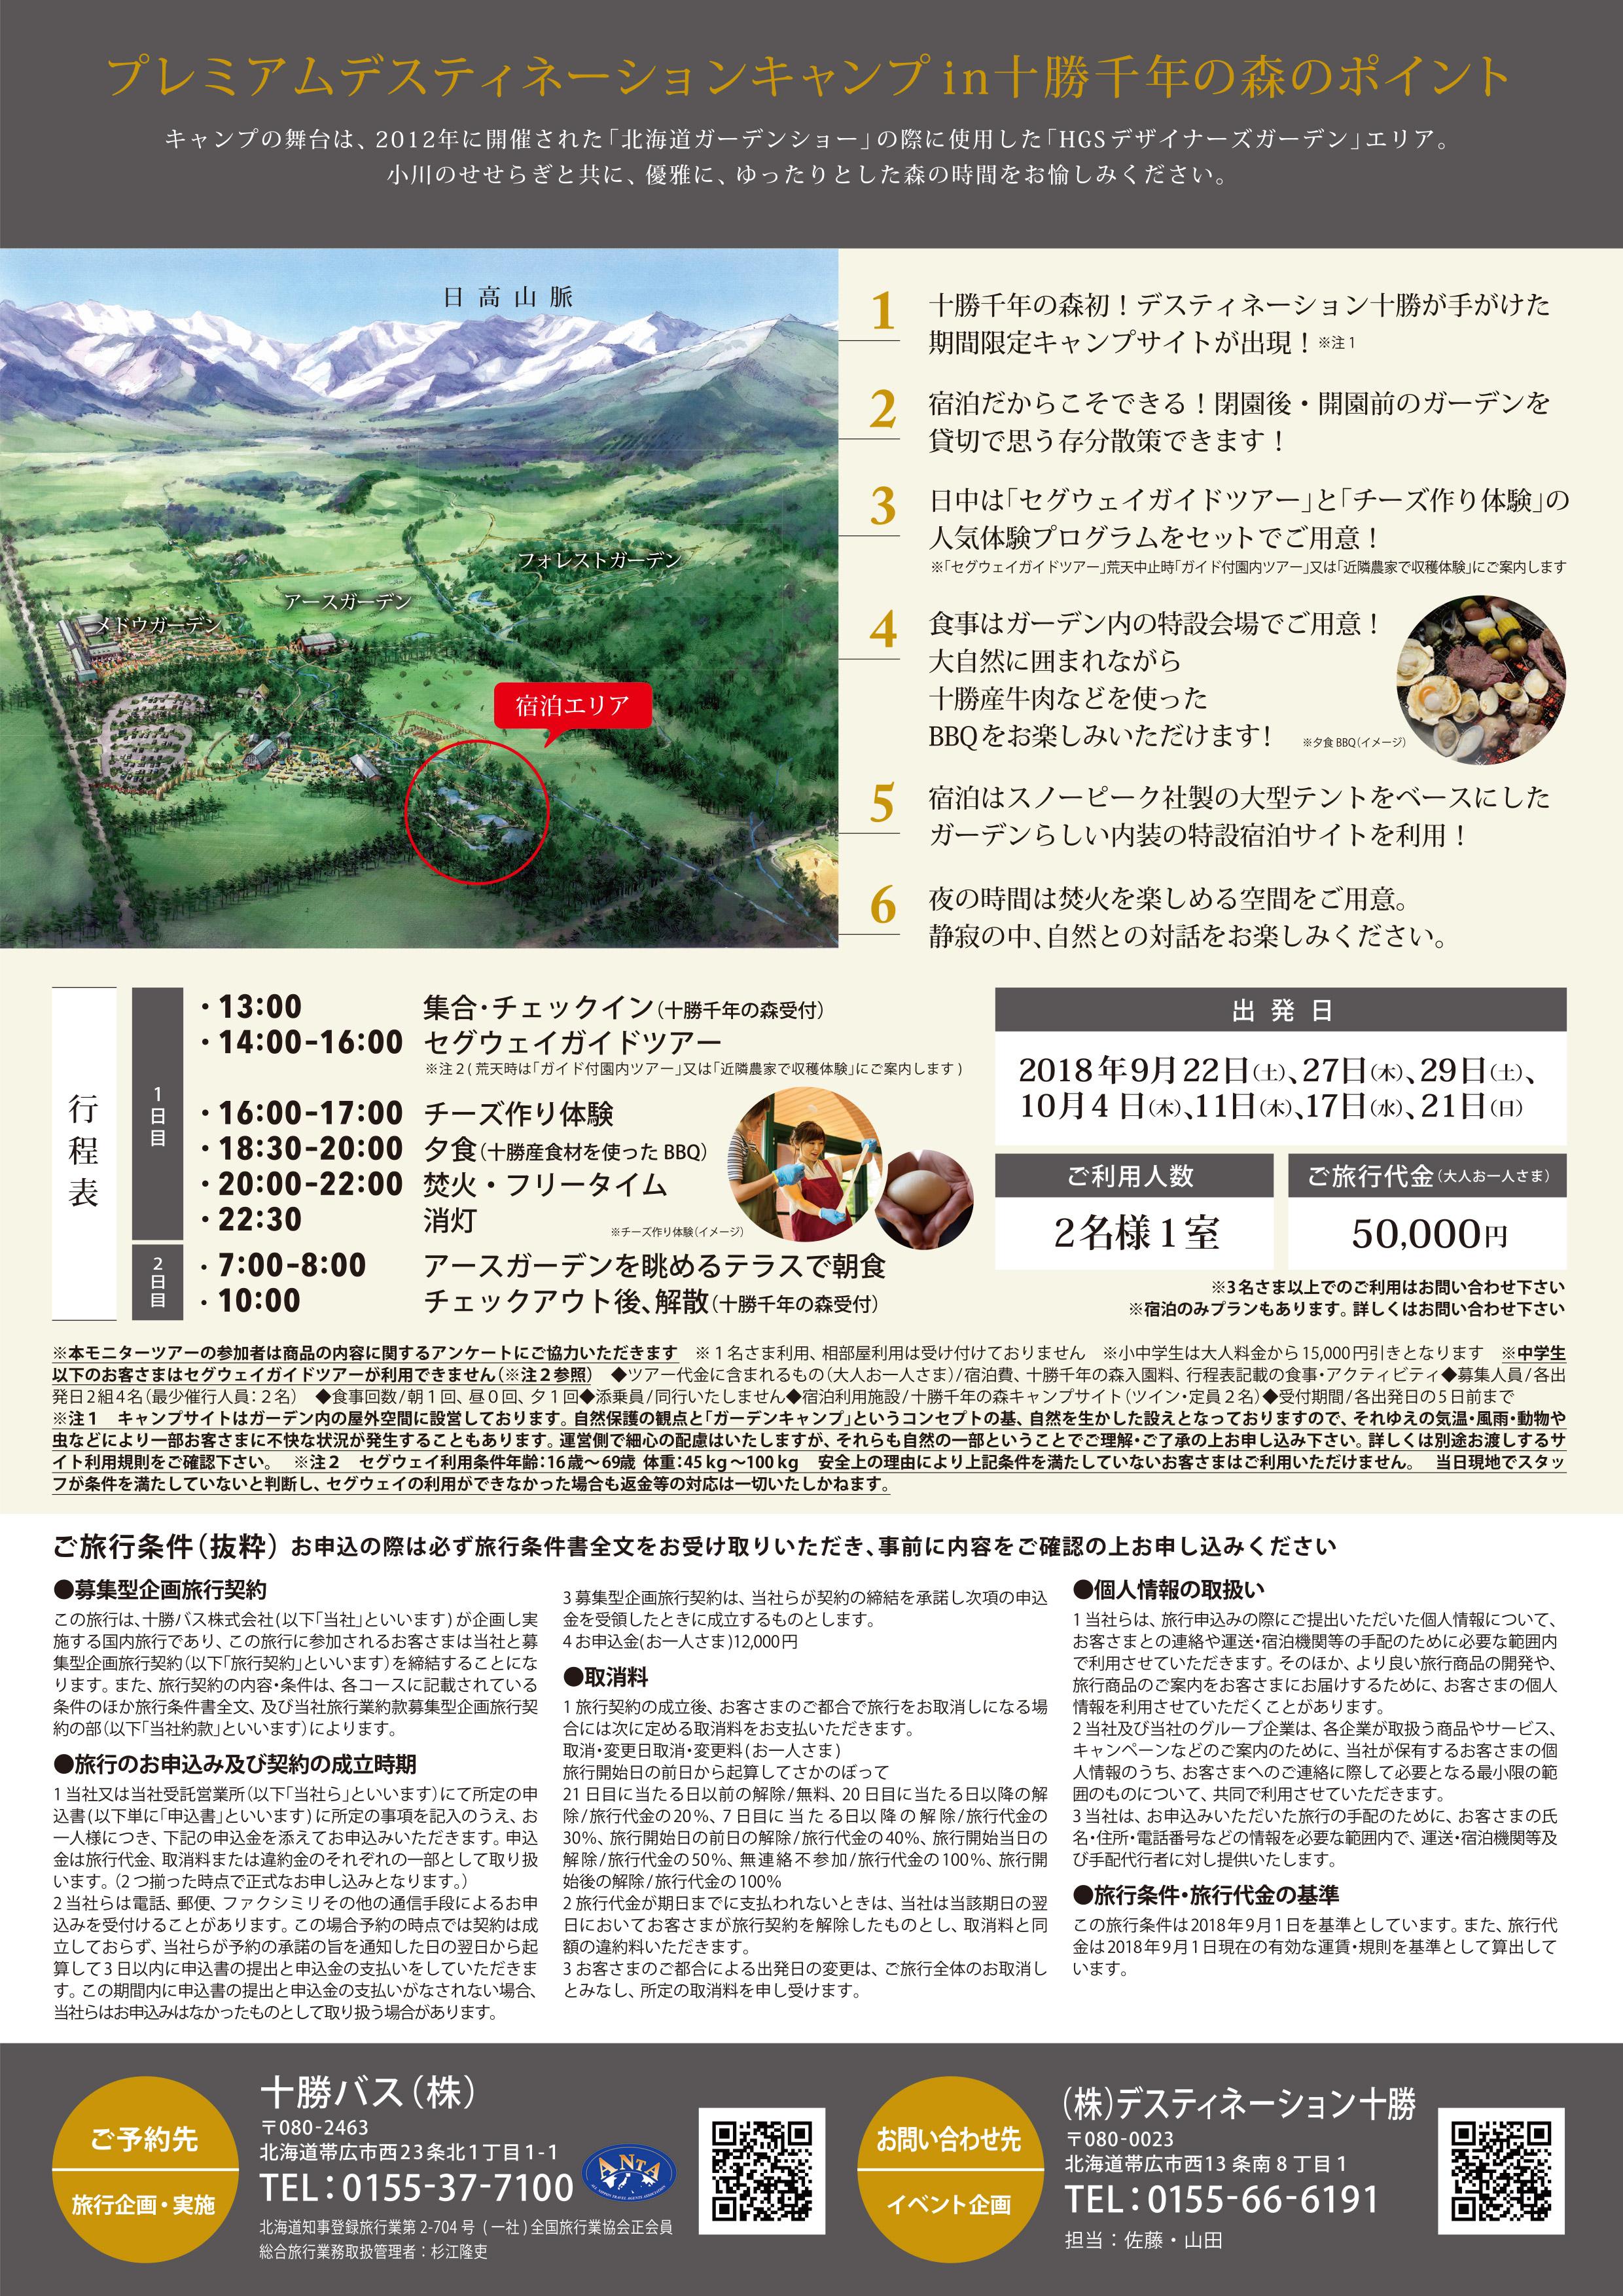 プレミアムデスティネーションキャンプin十勝千年の森モニターツアー1泊2日